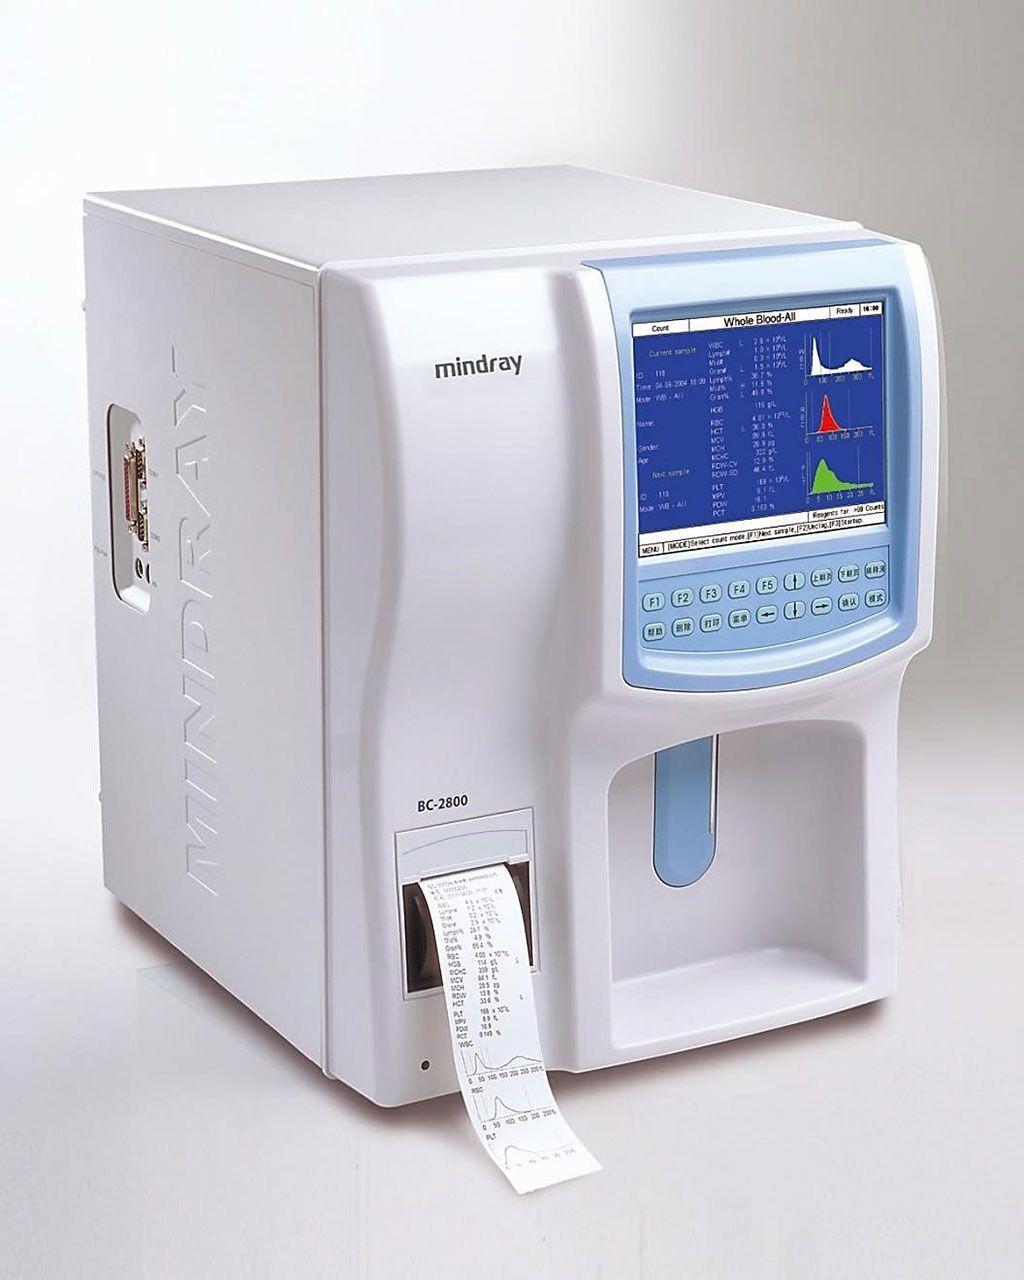 Imagen: El analizador de hematología, Mindray BC-2800, totalmente automático con 19 parámetros para el análisis de hemogramas para uso hospitalario (Fotografía cortesía de Mindray).